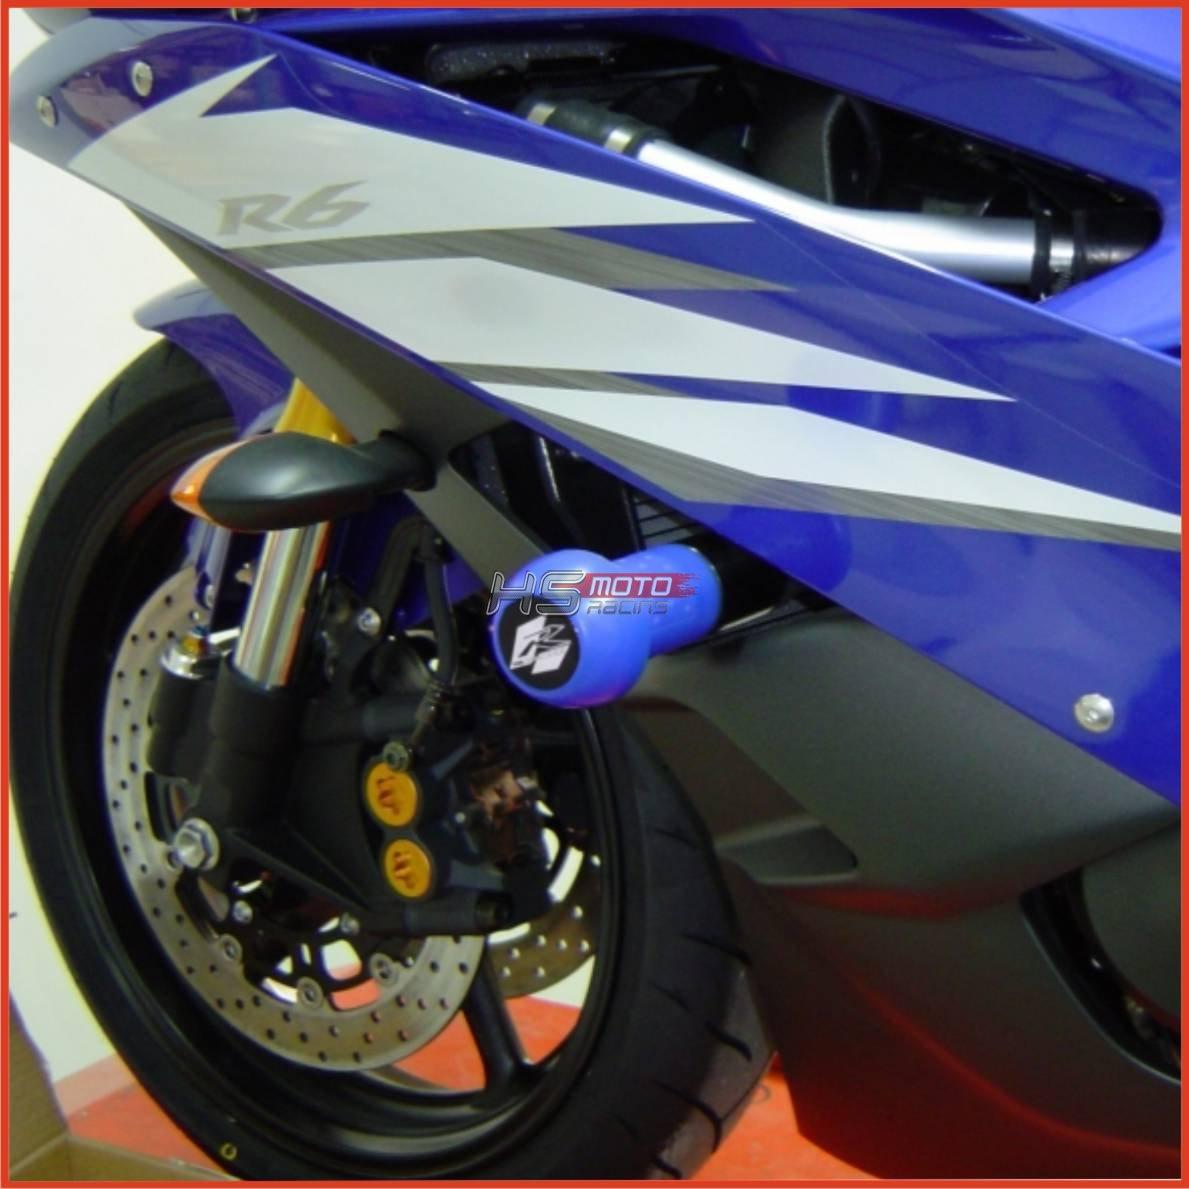 GSG-Moto Sturzpads Yamaha YZF-R6 RJ11 2006-2007 Crash Pads NEU